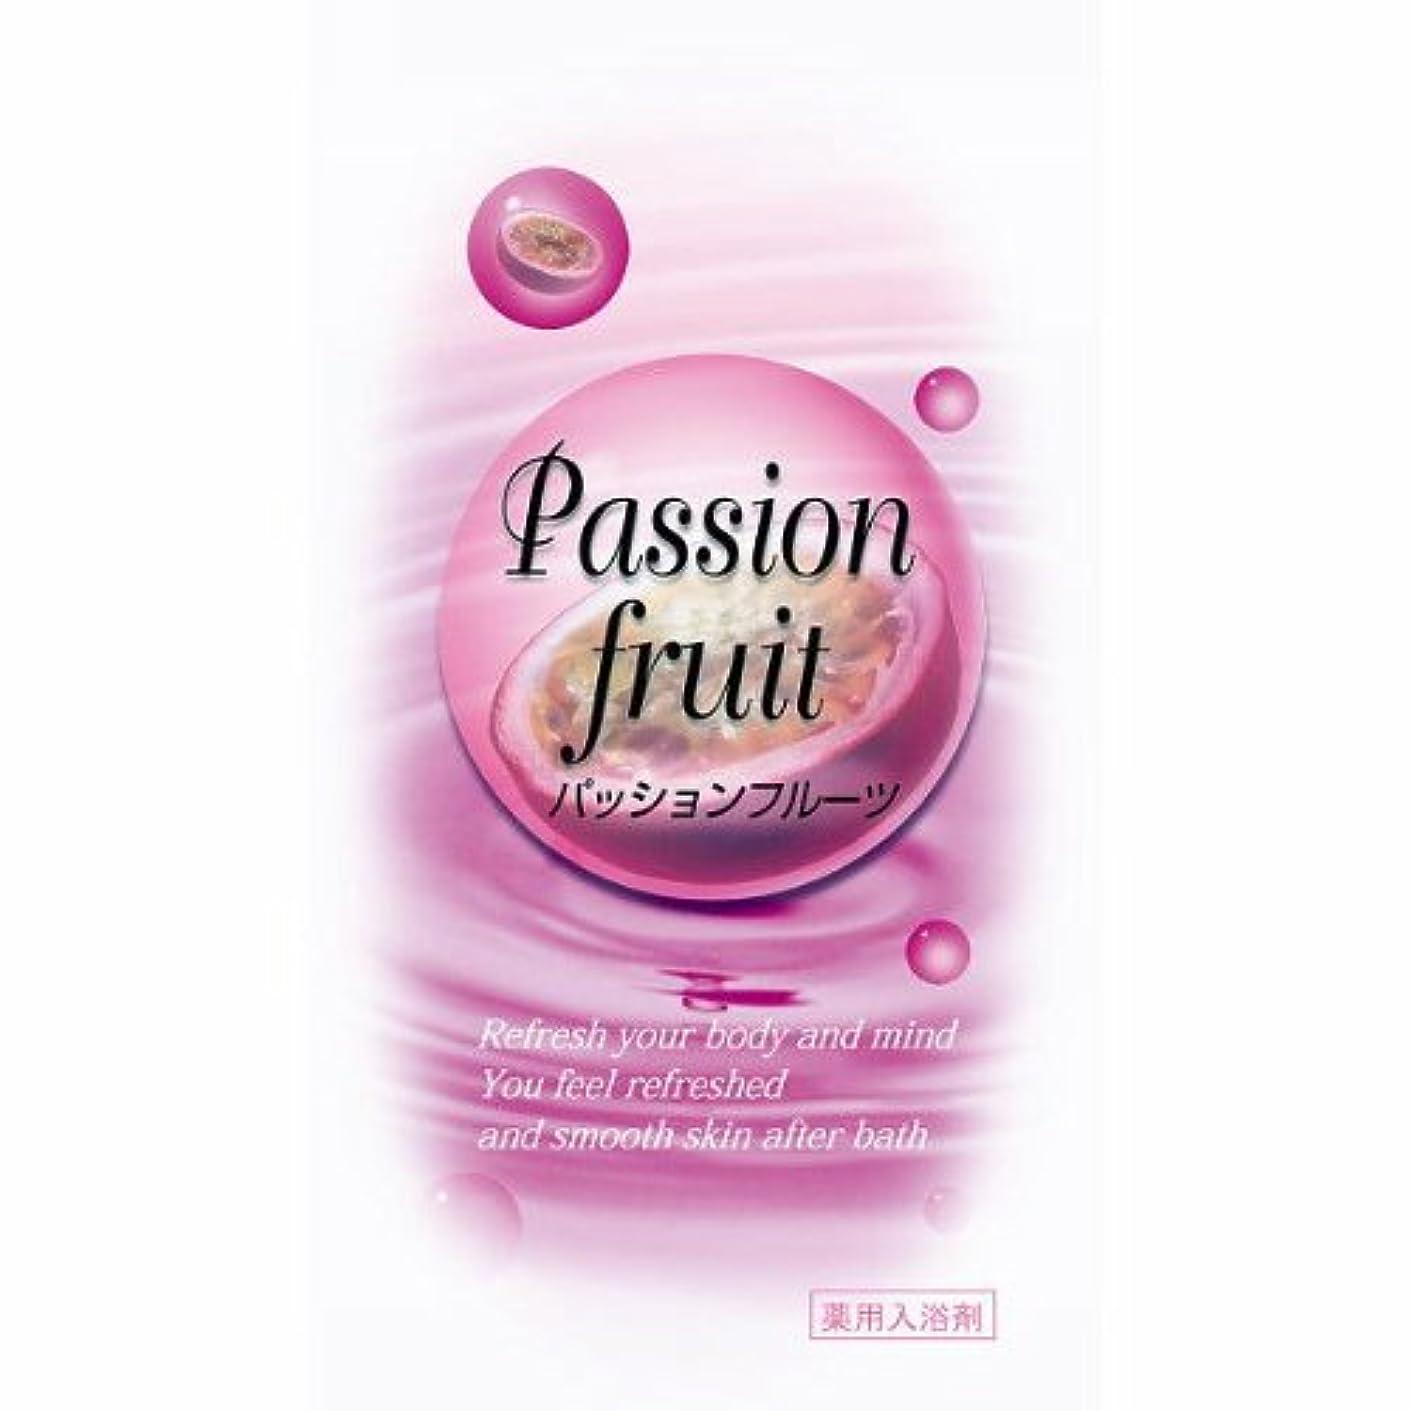 ボクシング起訴する明らかにするトプラン入浴剤 パッションフルーツの香り